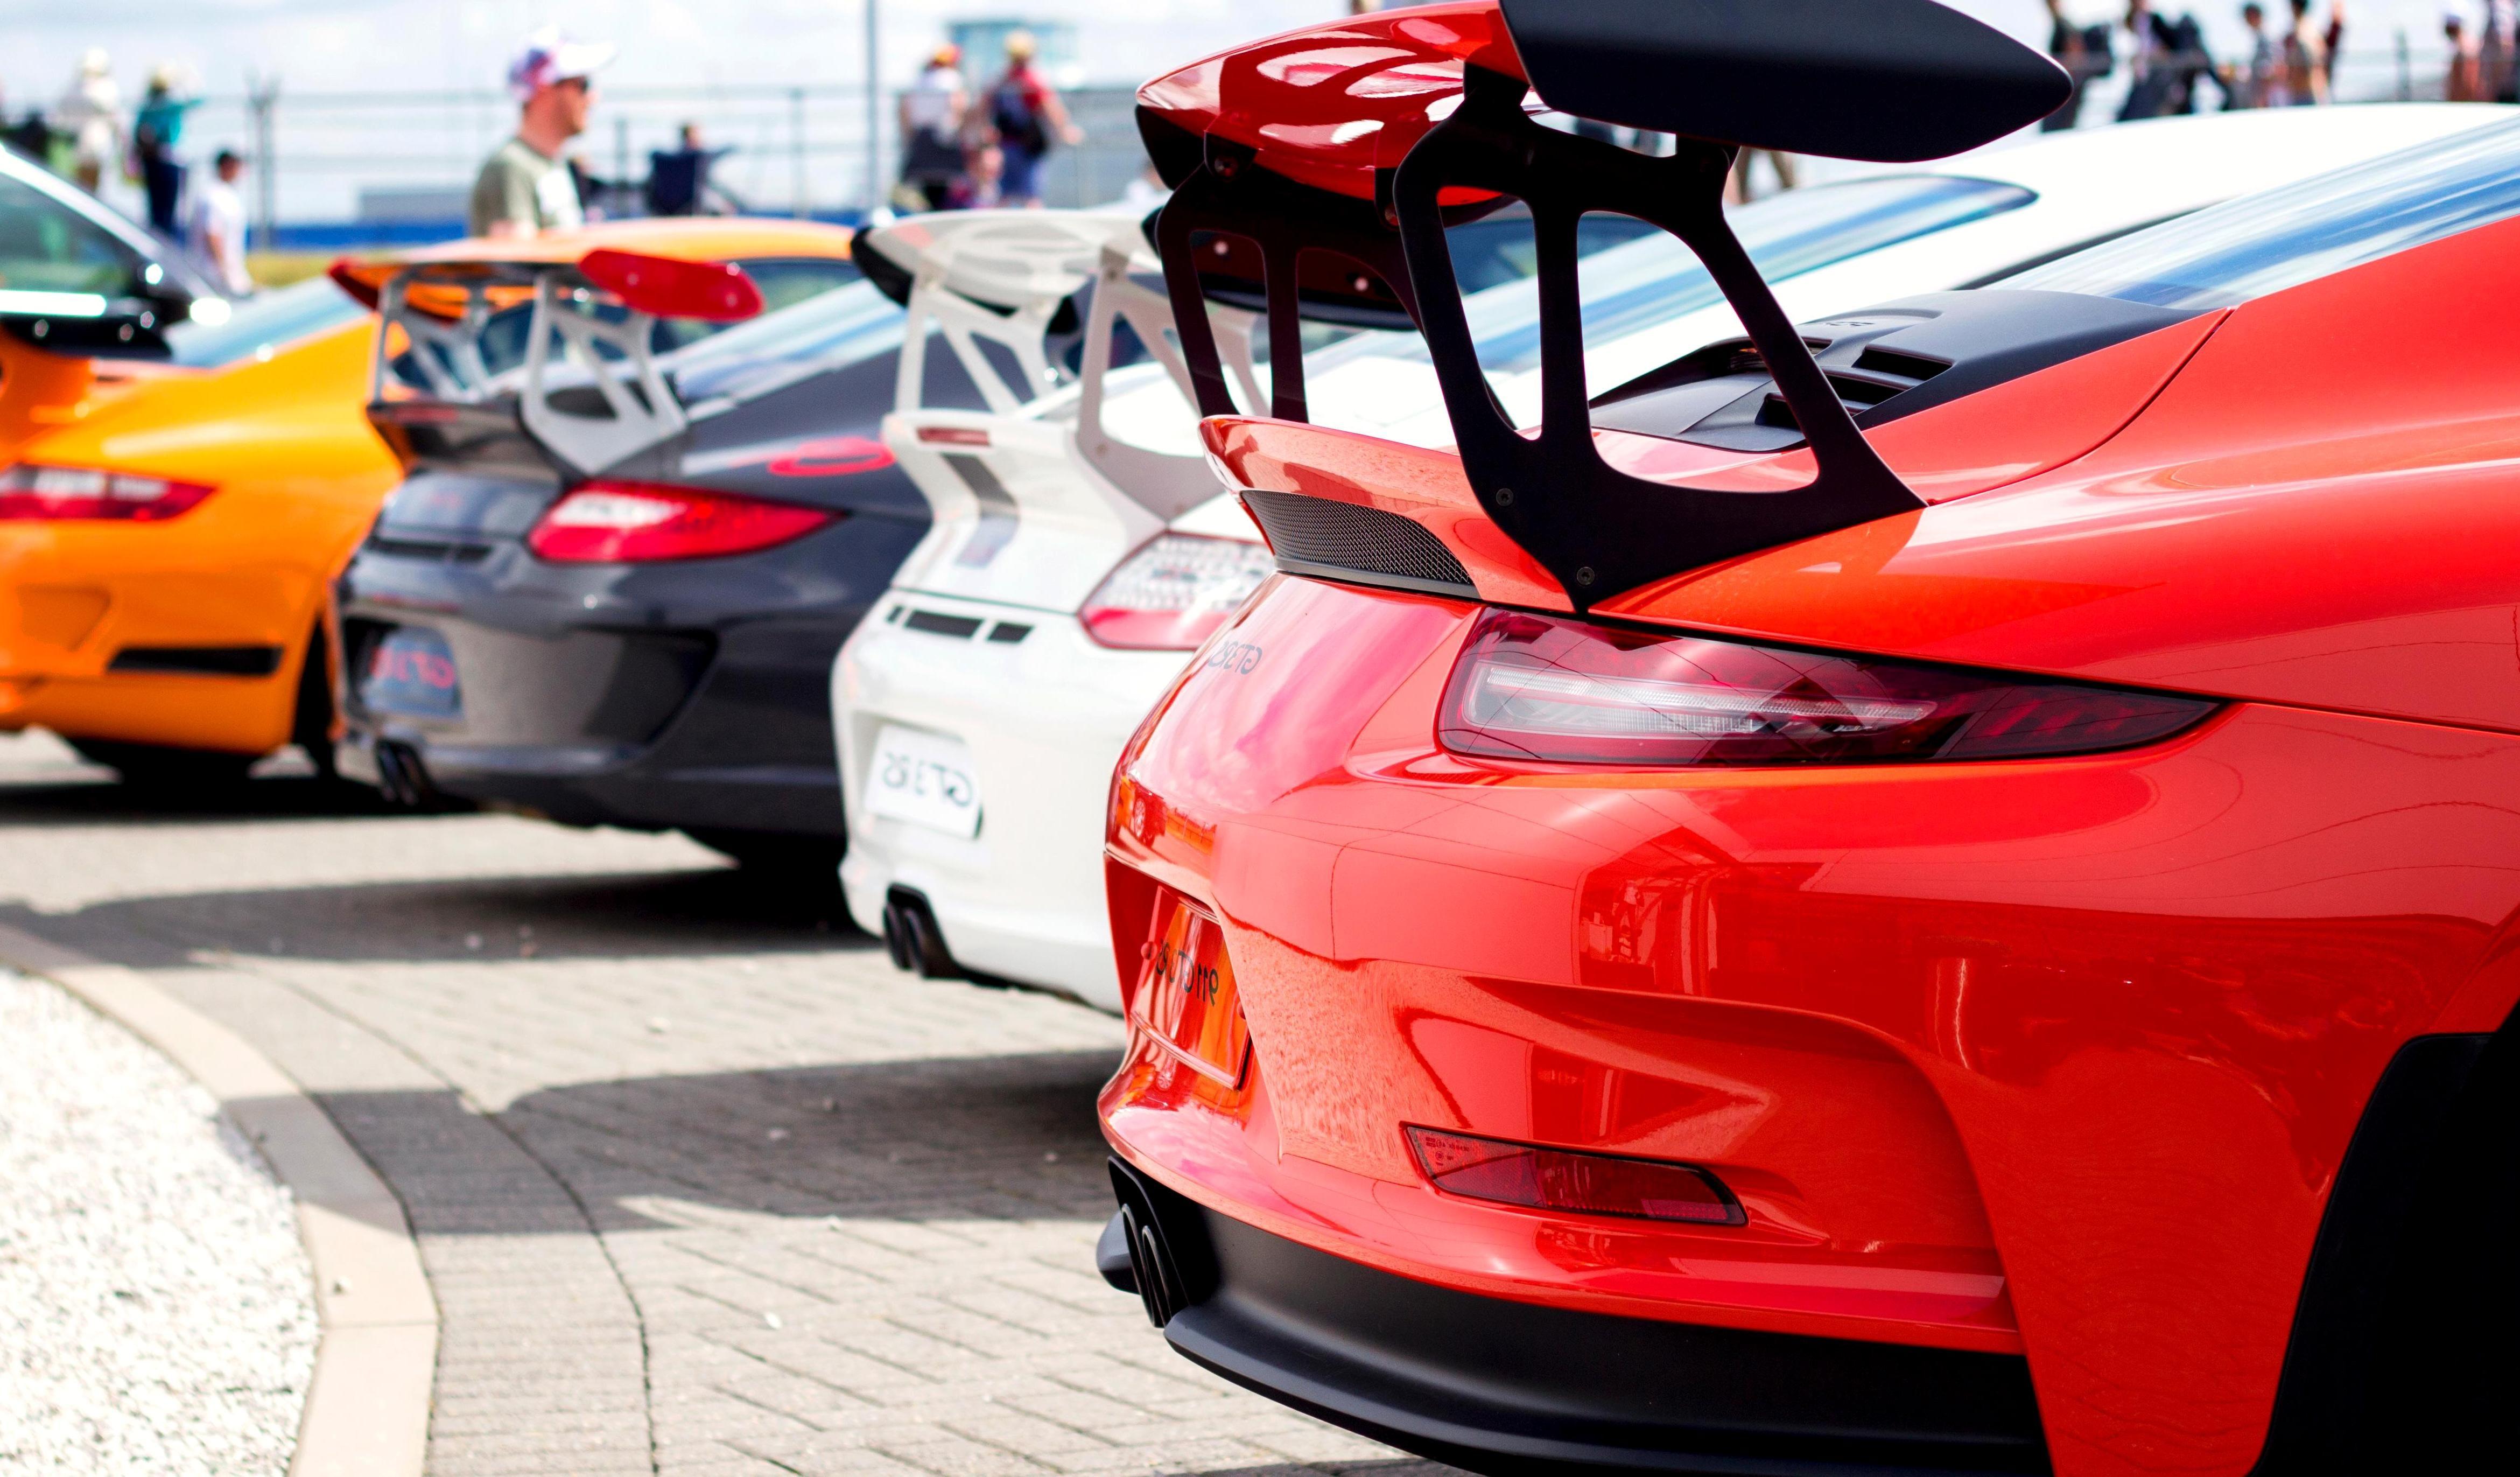 Free Picture Sponsorship Racing Car Car Speed Car Show Parking - Show car sponsorship